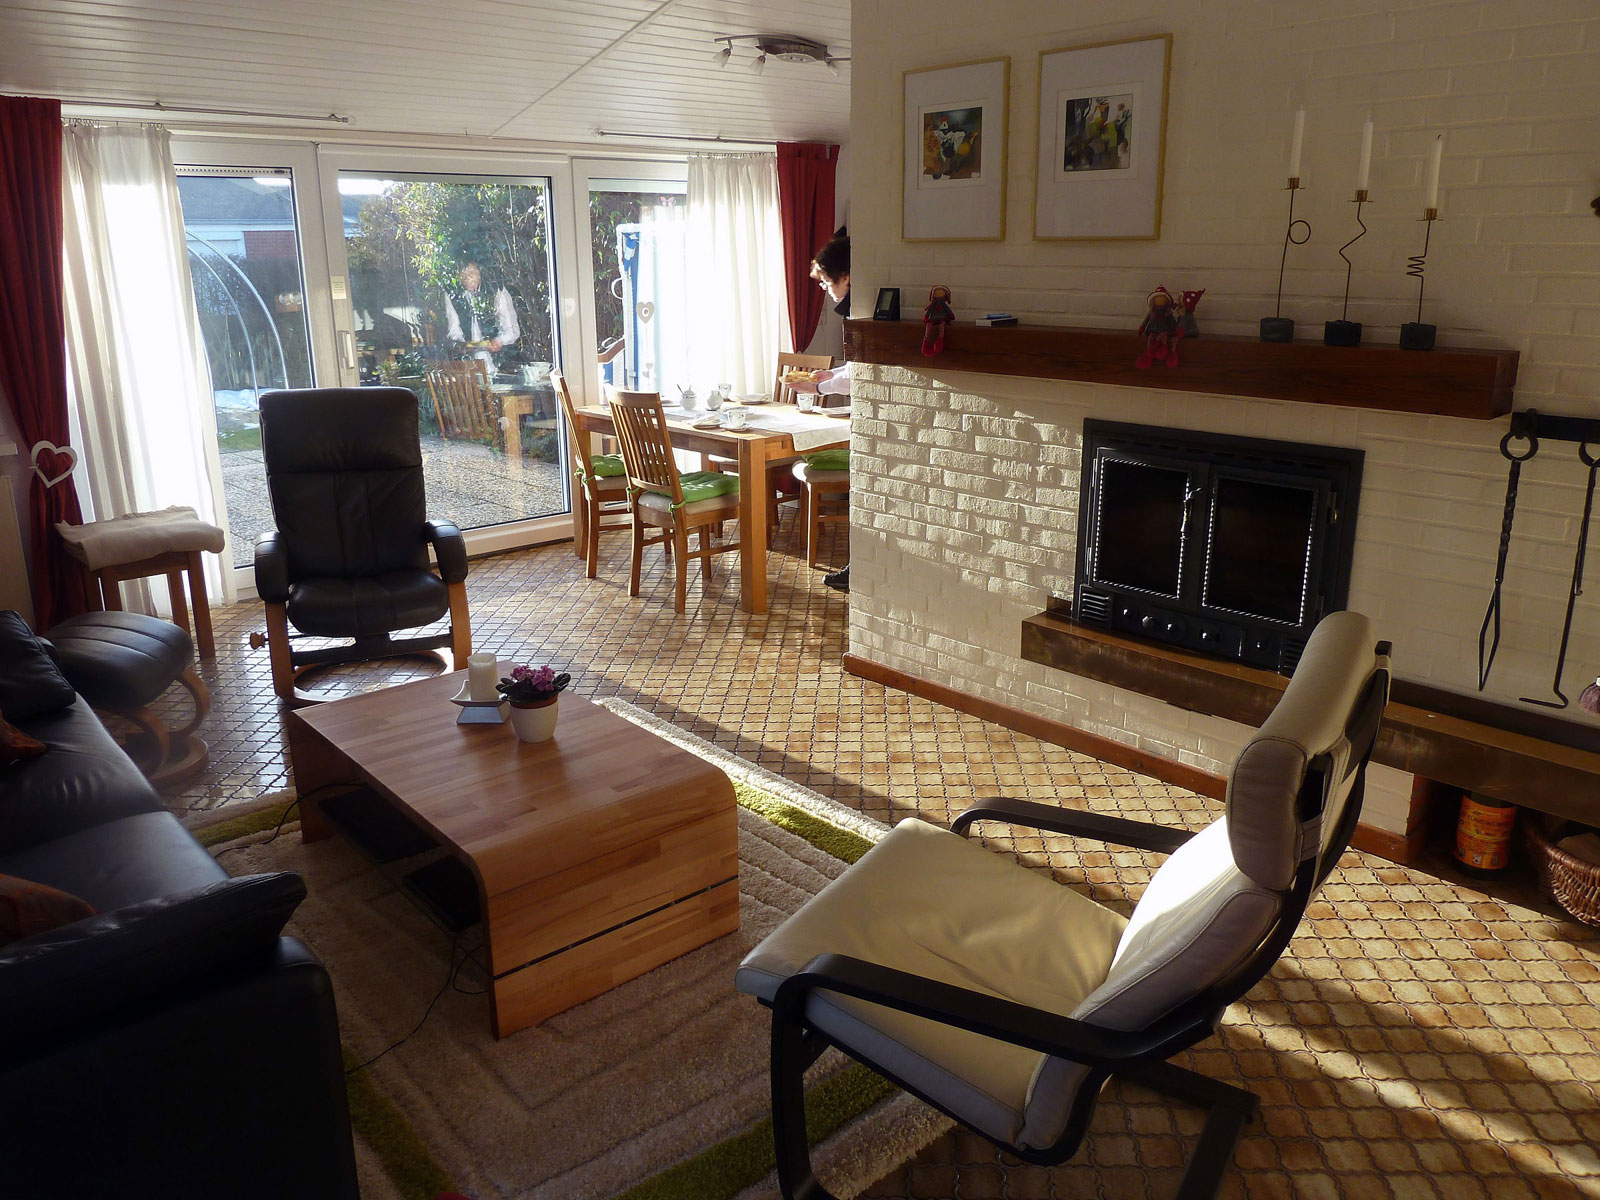 Offenes und helles Wohnzimmer mit Kamin im Ferienhaus Kolks Huus Besanweg 9 in Neuharlingersiel